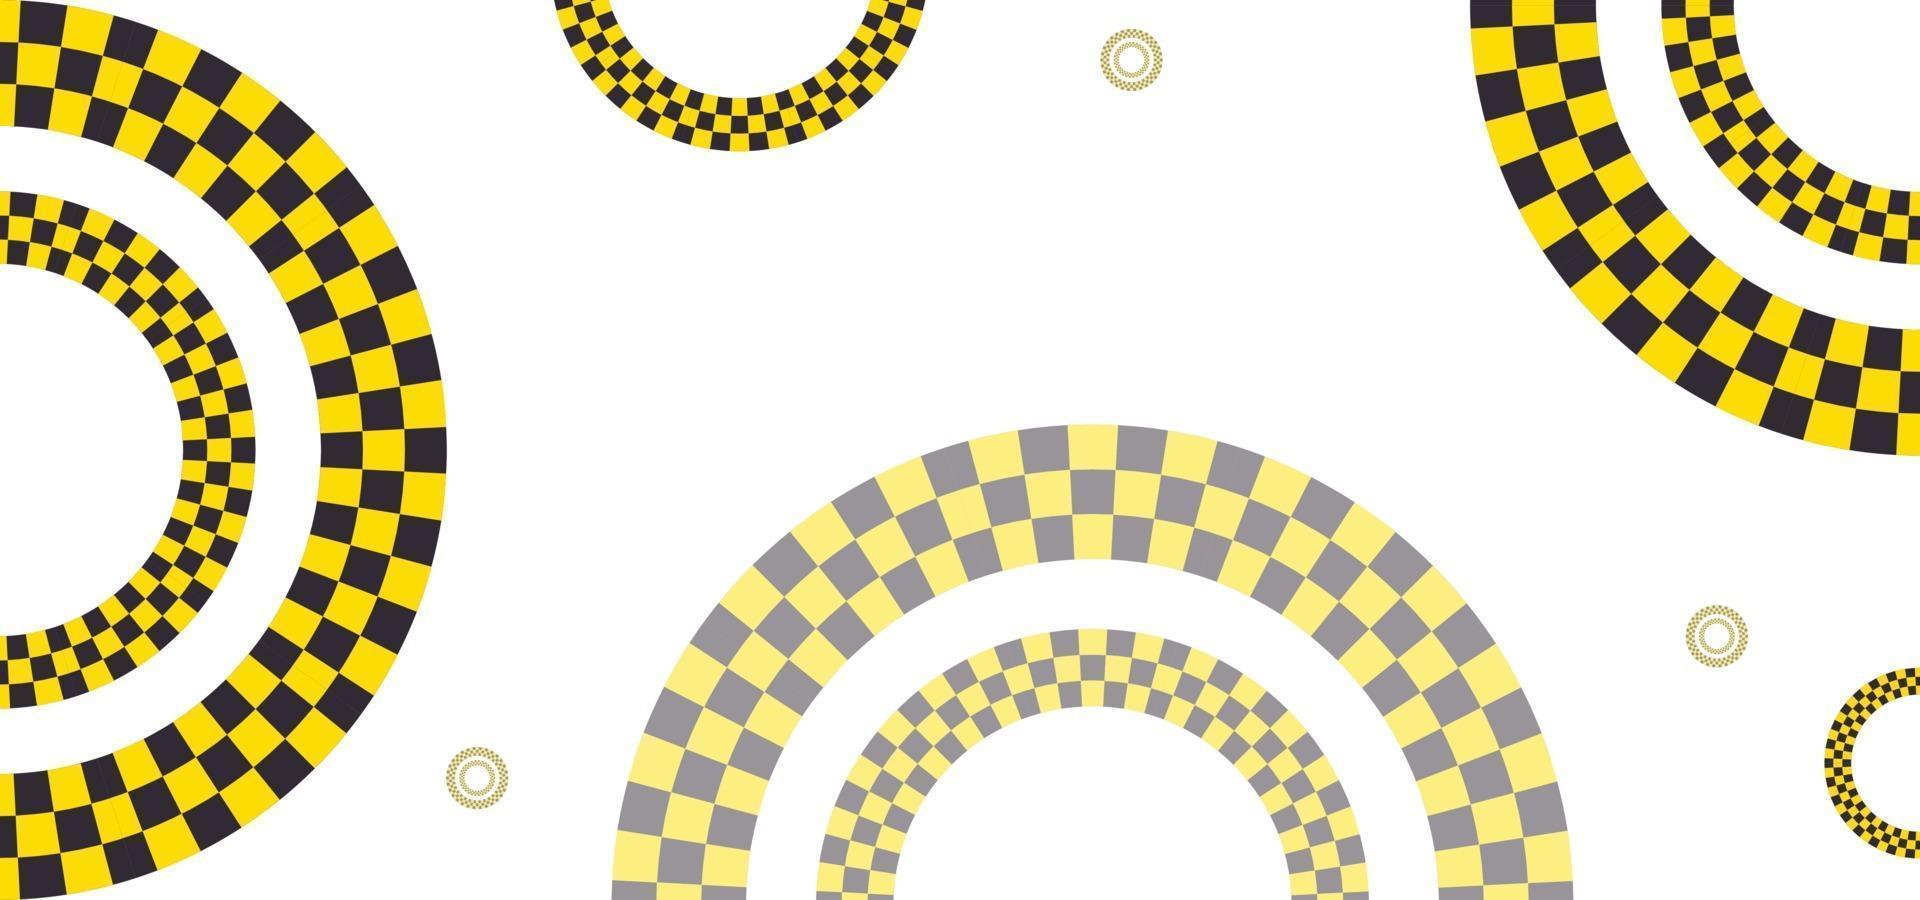 formas geométricas de fundo de estilo de estrada ou banner vetor